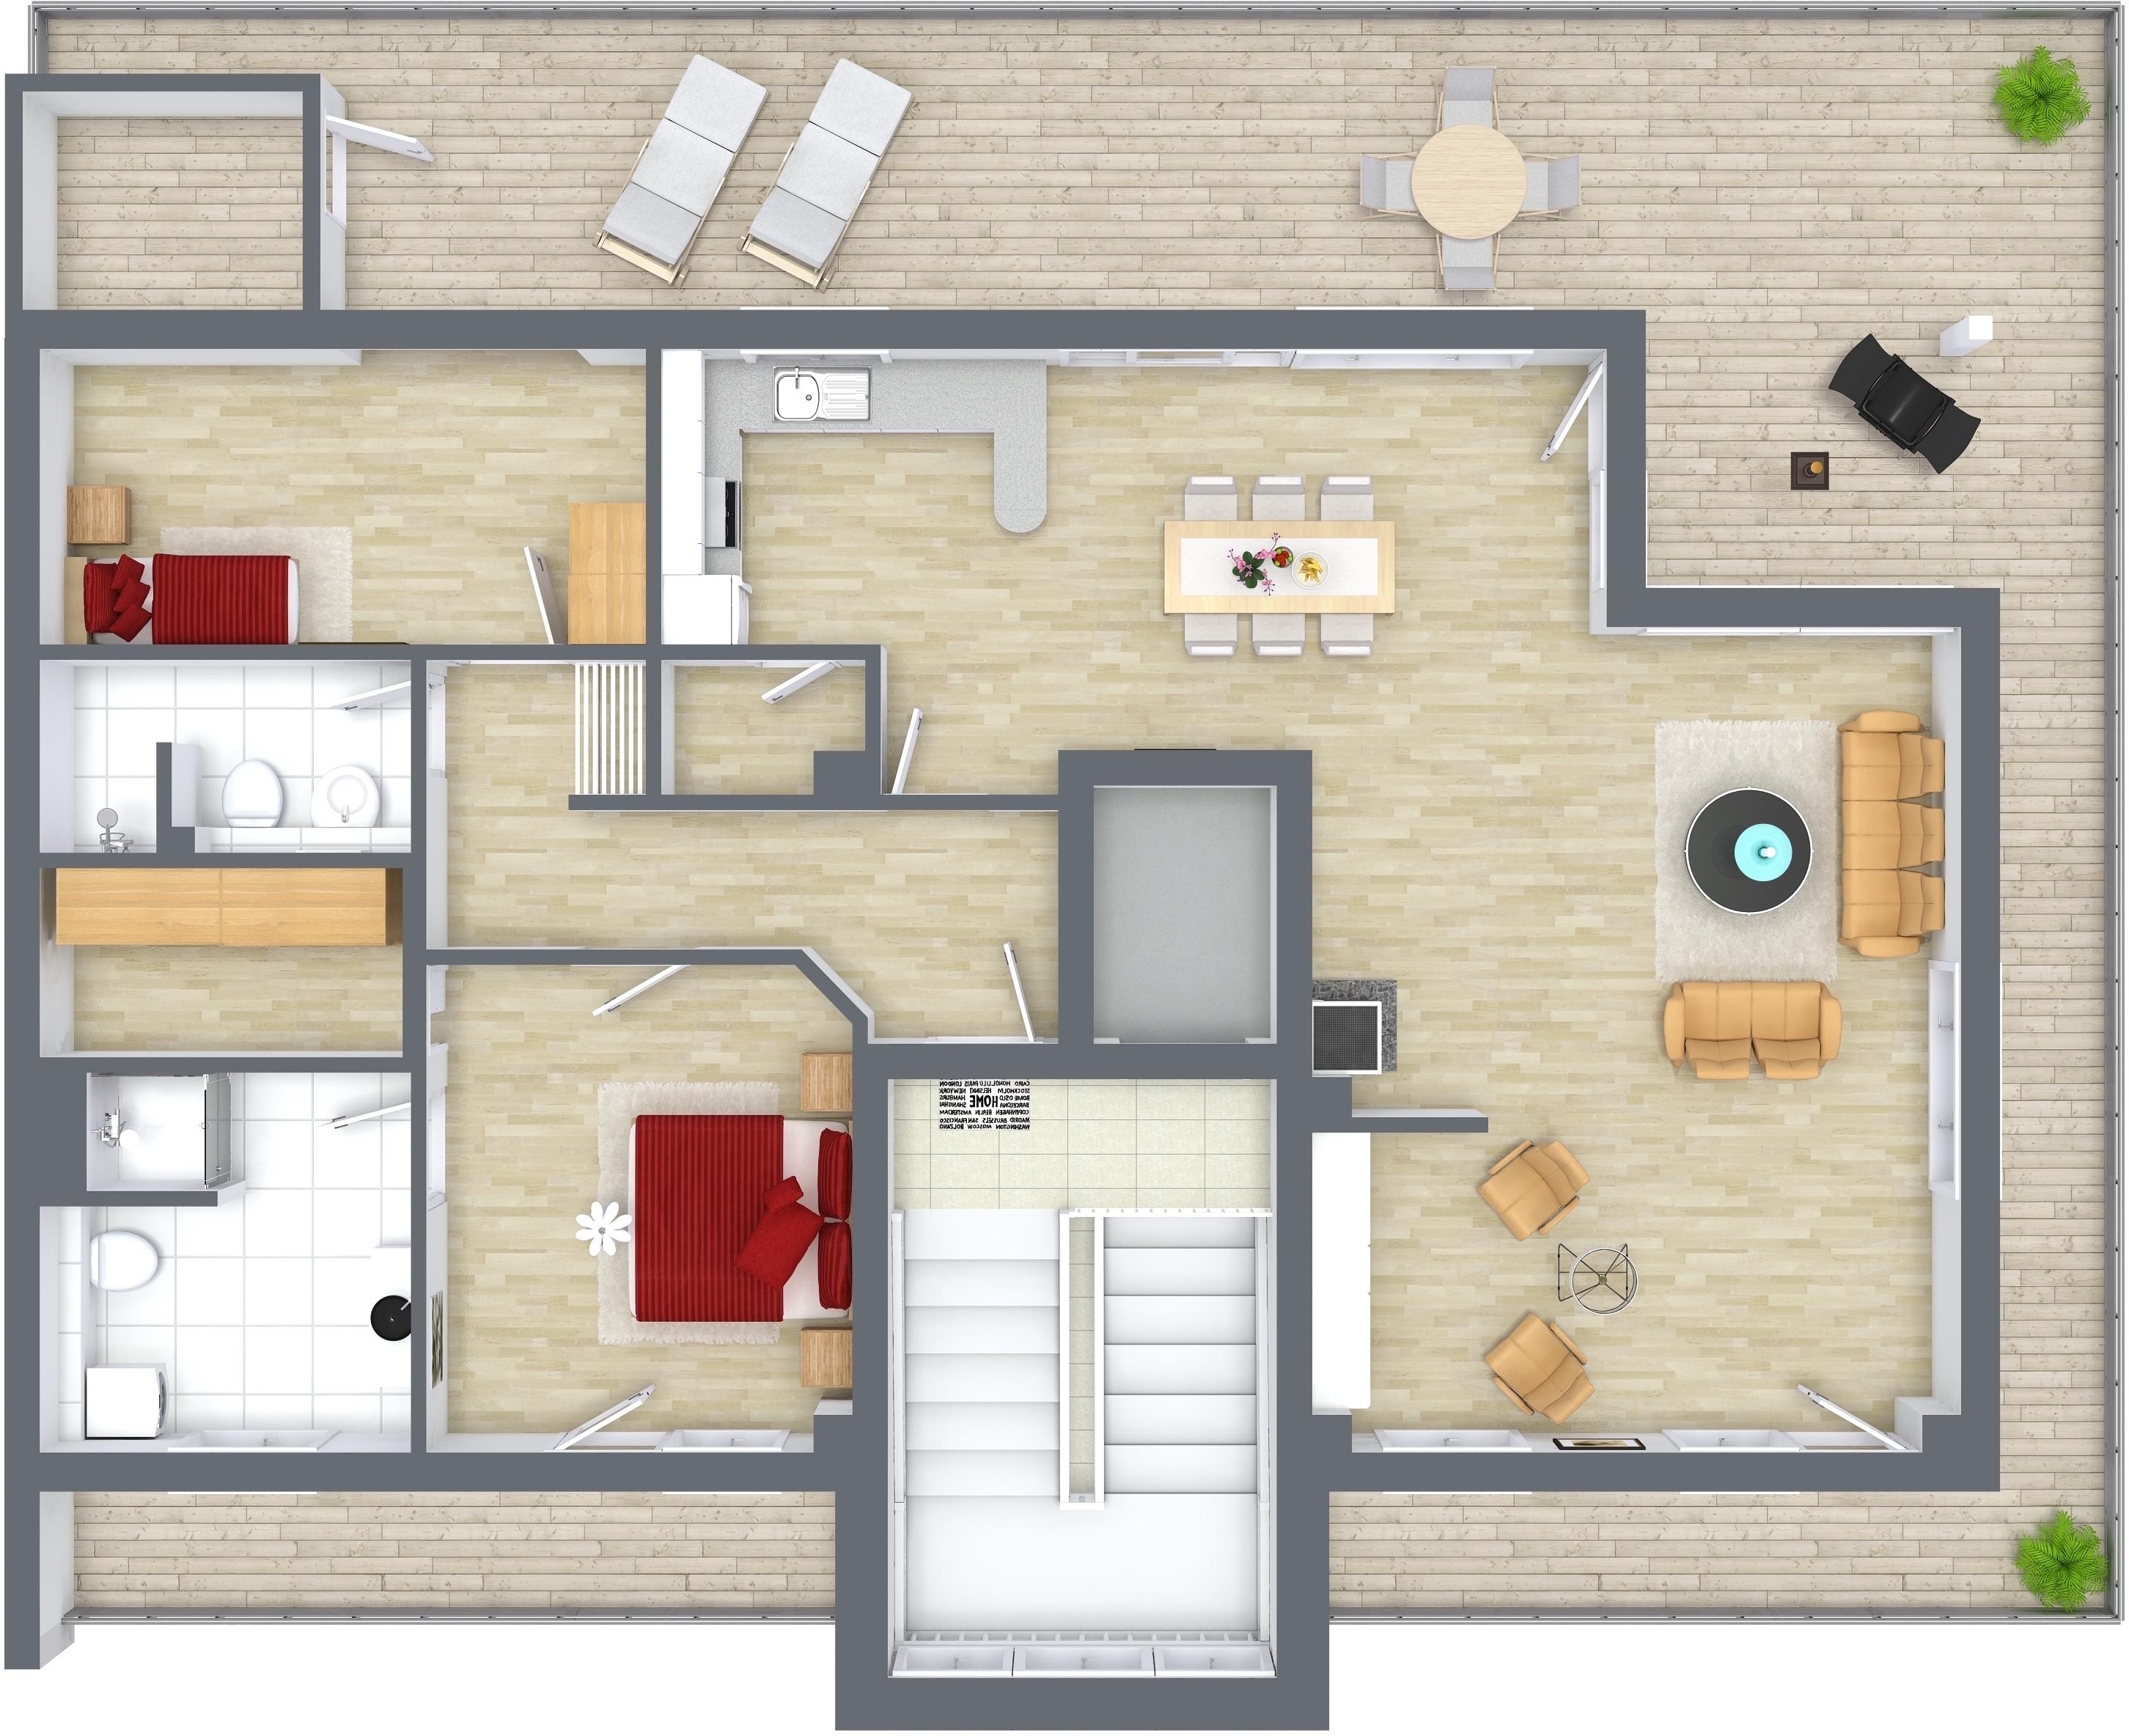 ber den d chern von harrislee d9 oliver klenz der immobilienprofi. Black Bedroom Furniture Sets. Home Design Ideas